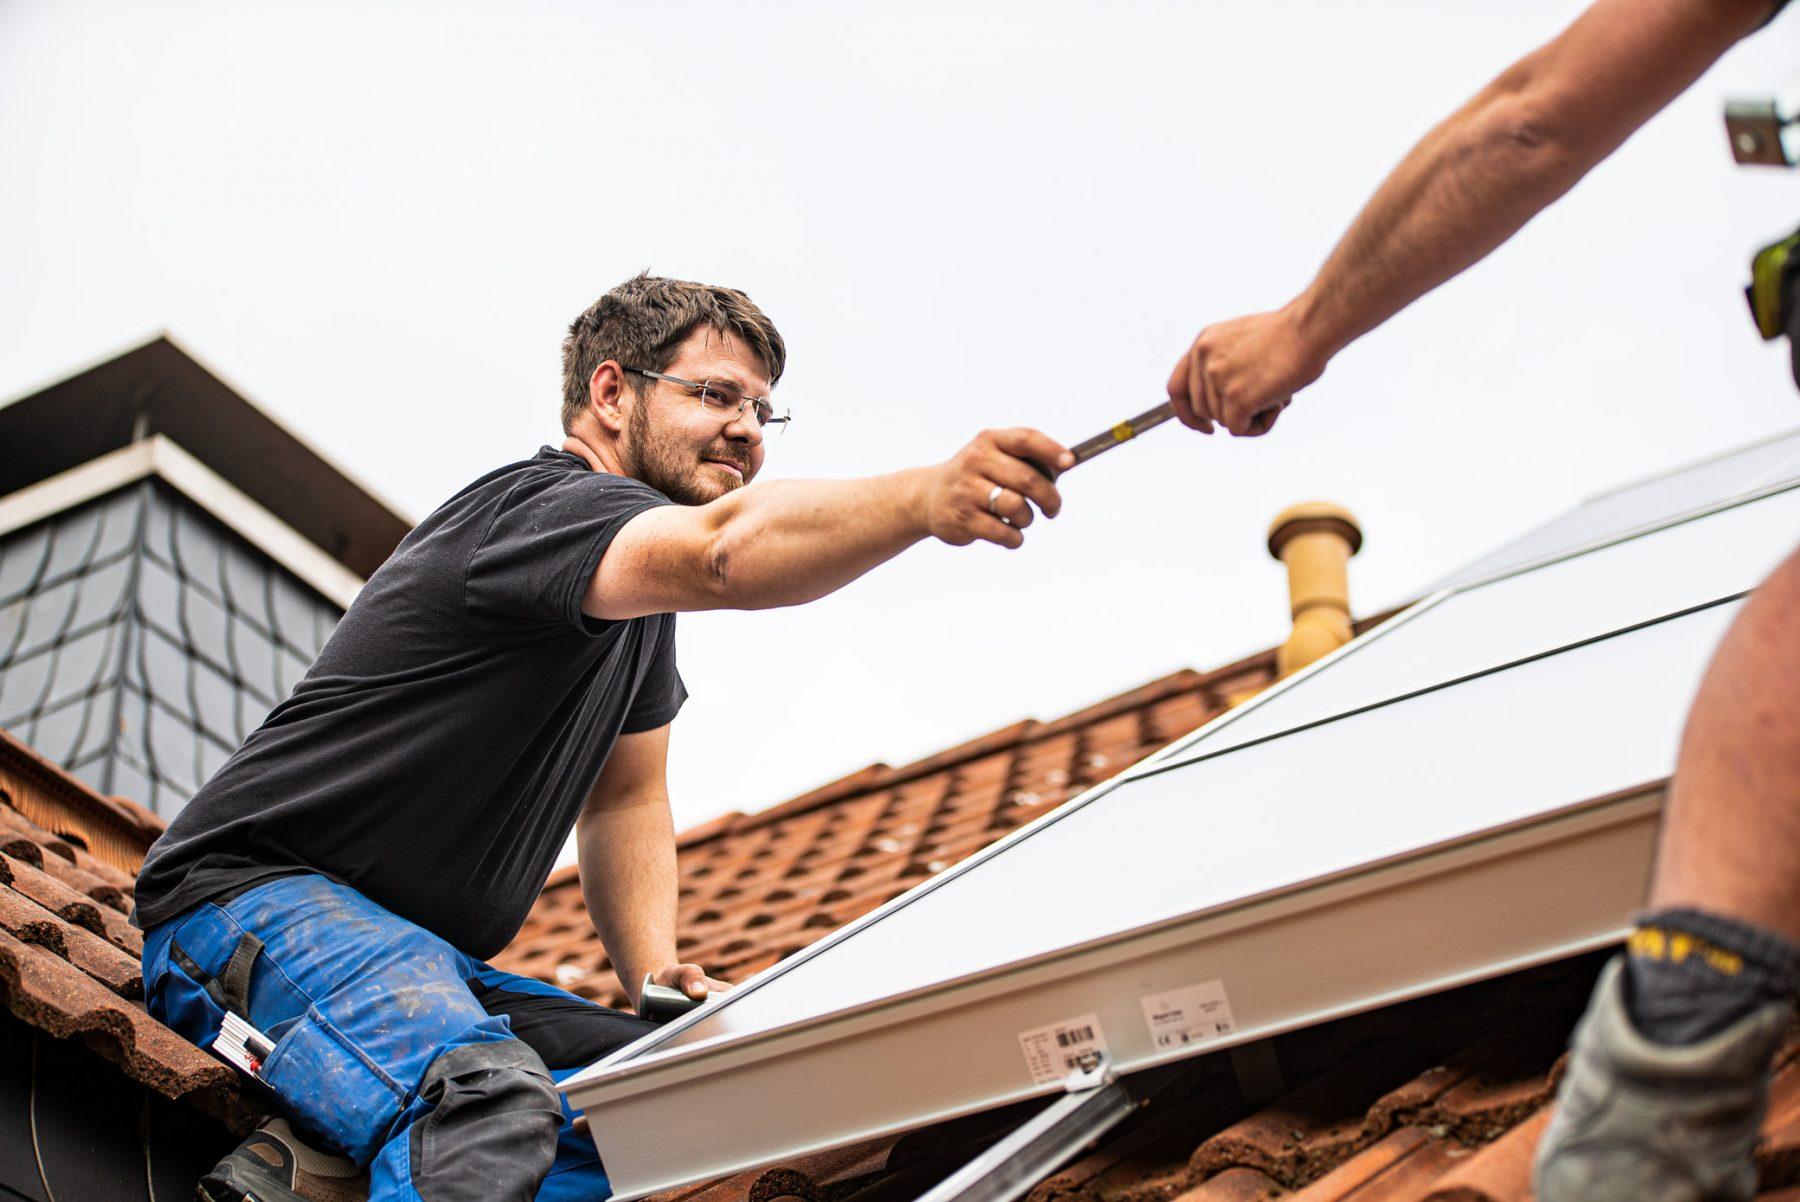 Anbringung einer Solarthermieanlage auf dem Dach